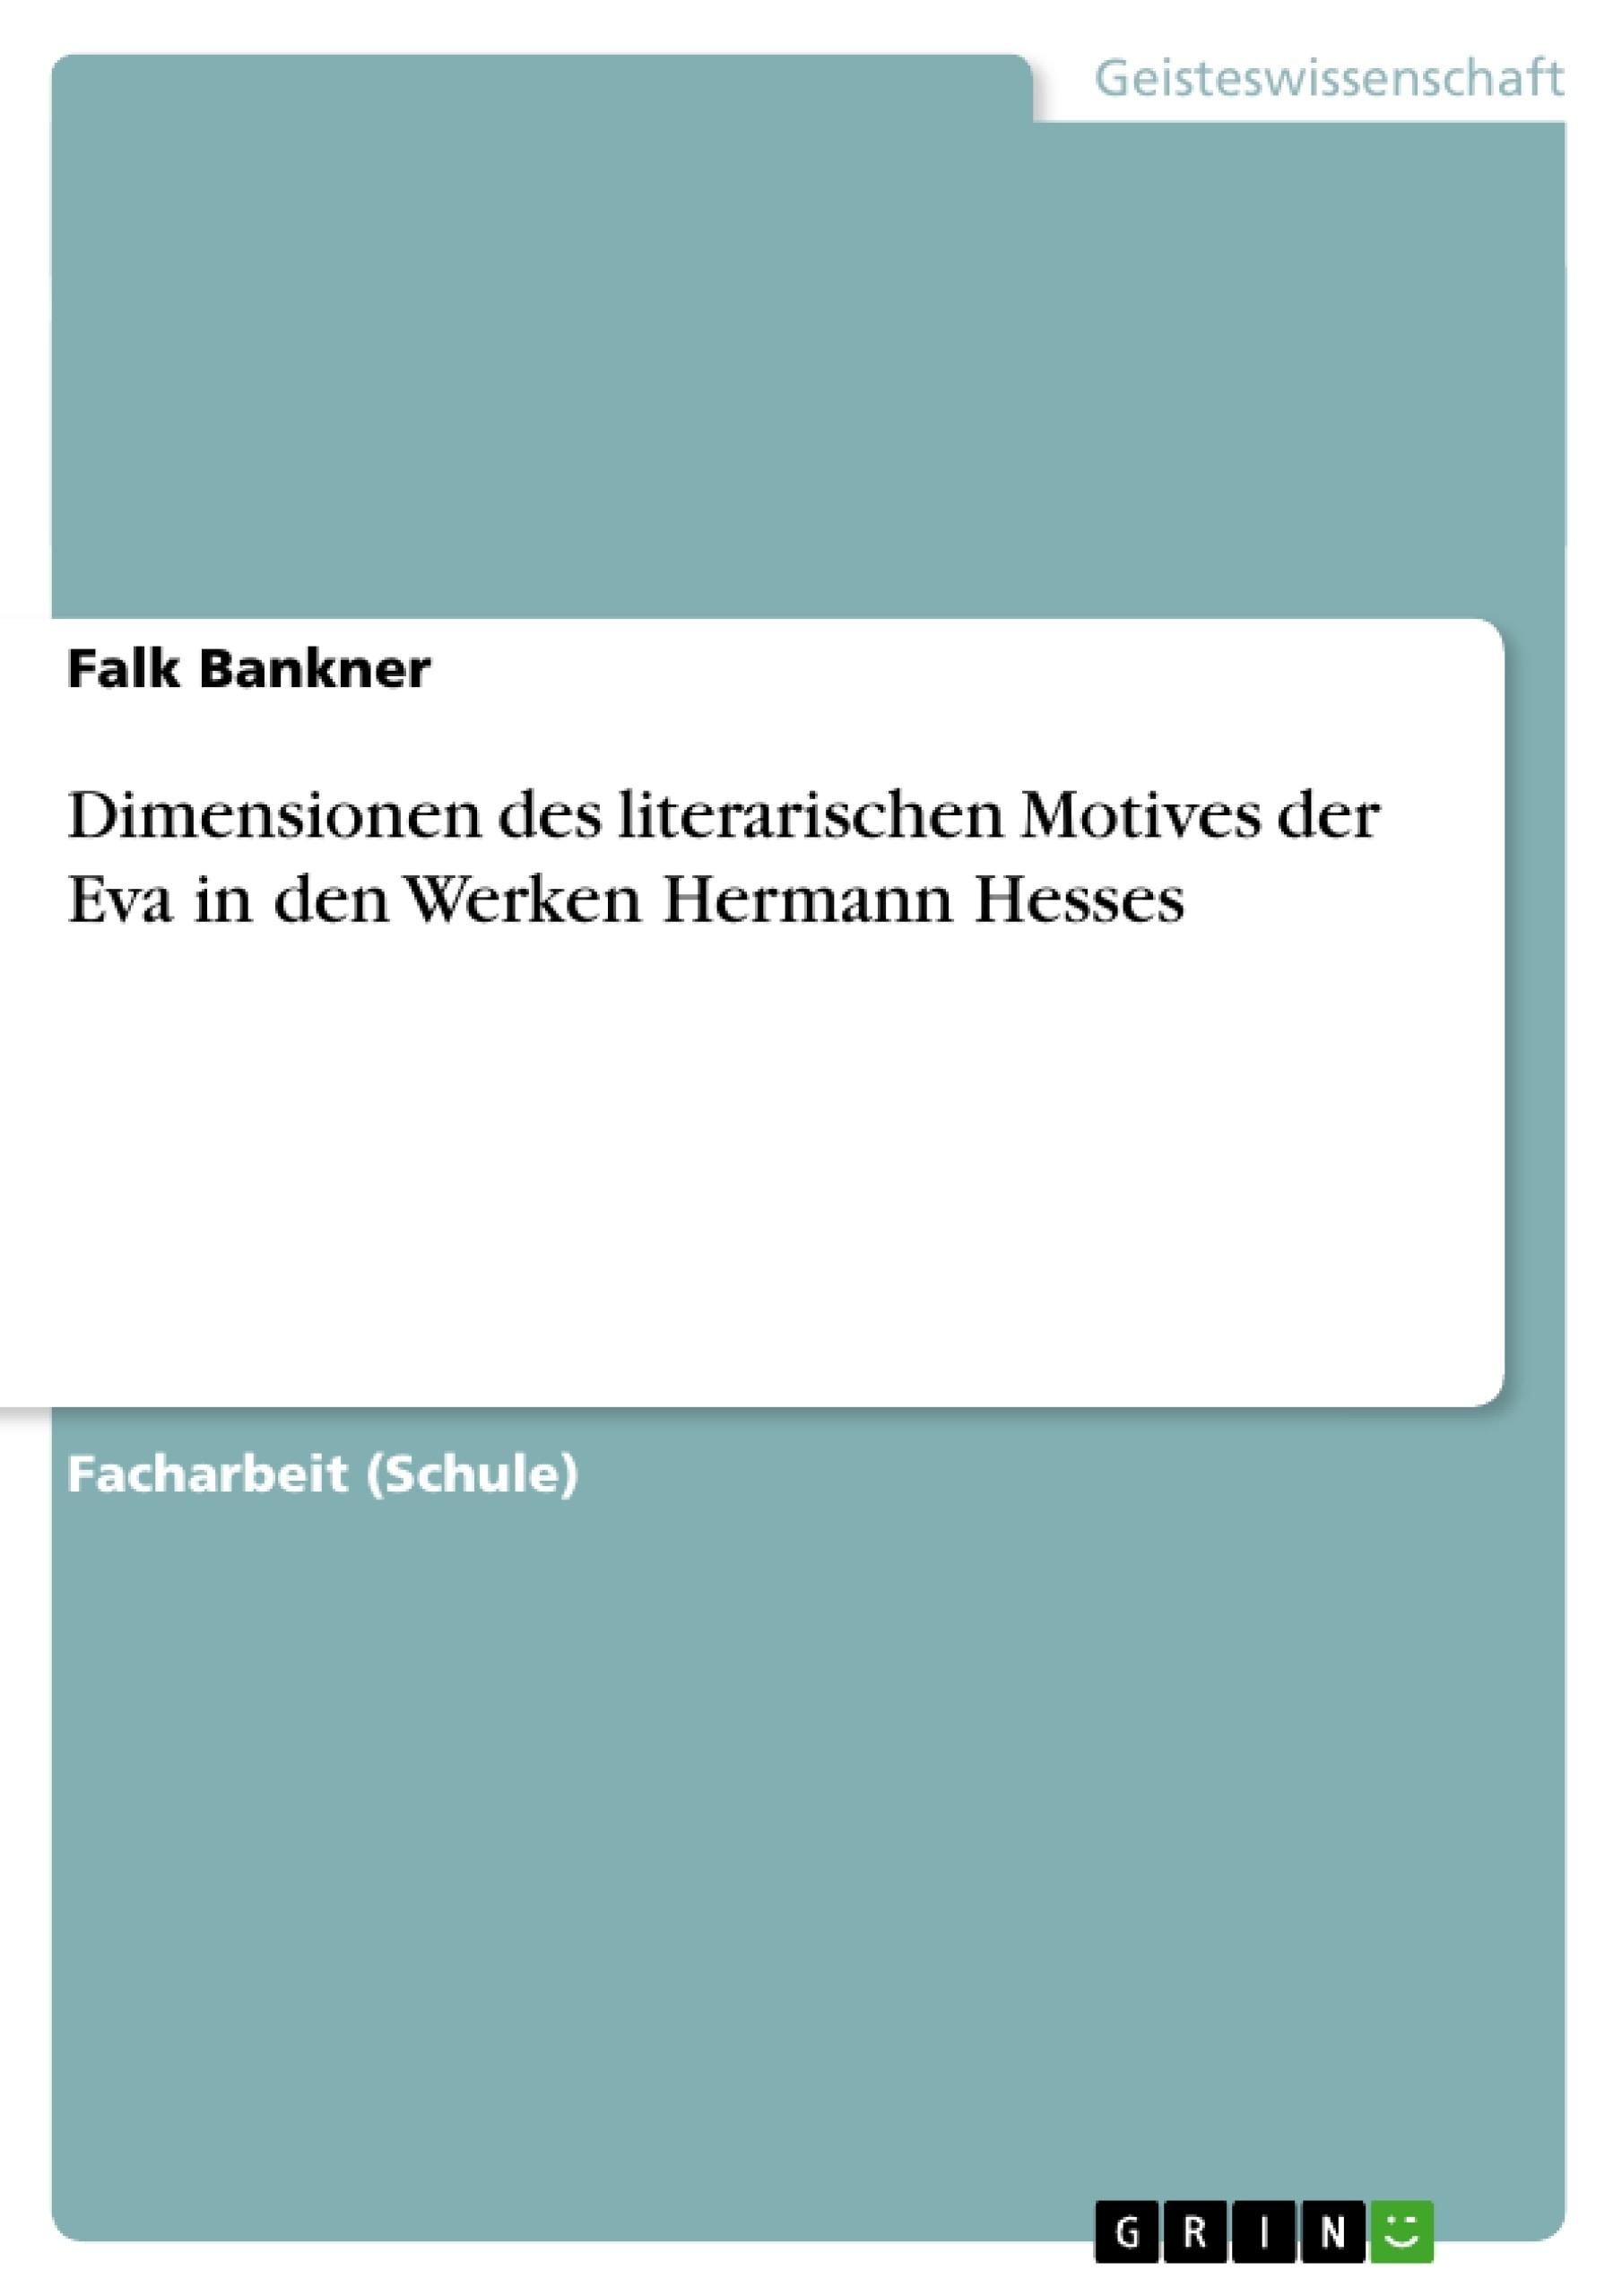 Titel: Dimensionen des literarischen Motives der Eva in den Werken Hermann Hesses